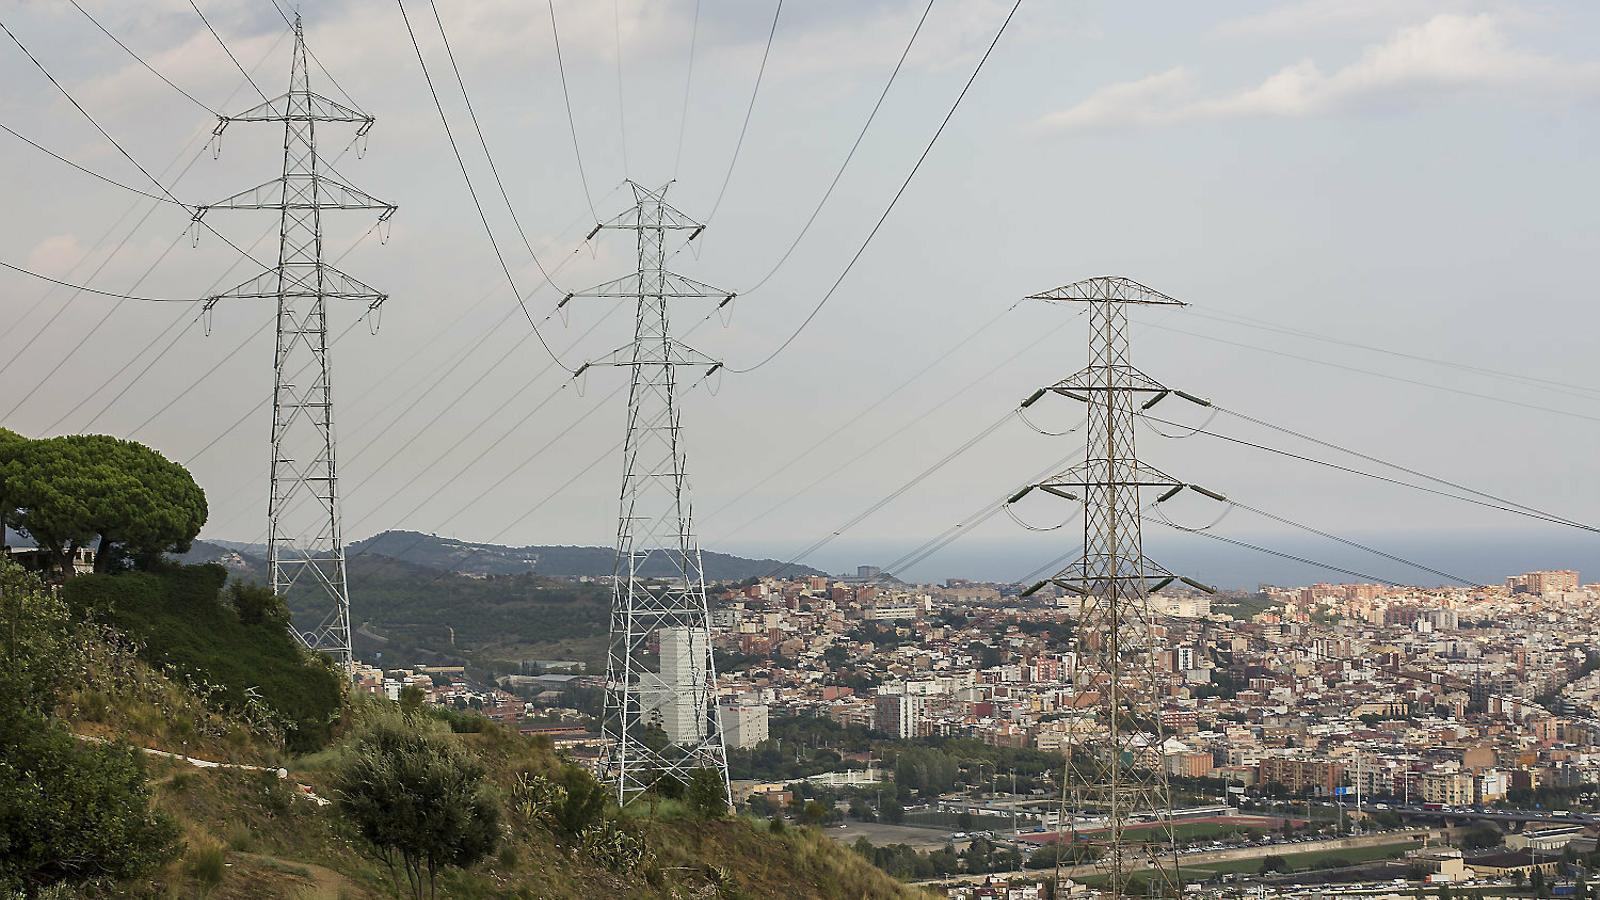 Torres de transport d'electricitat als voltants de Barcelona.